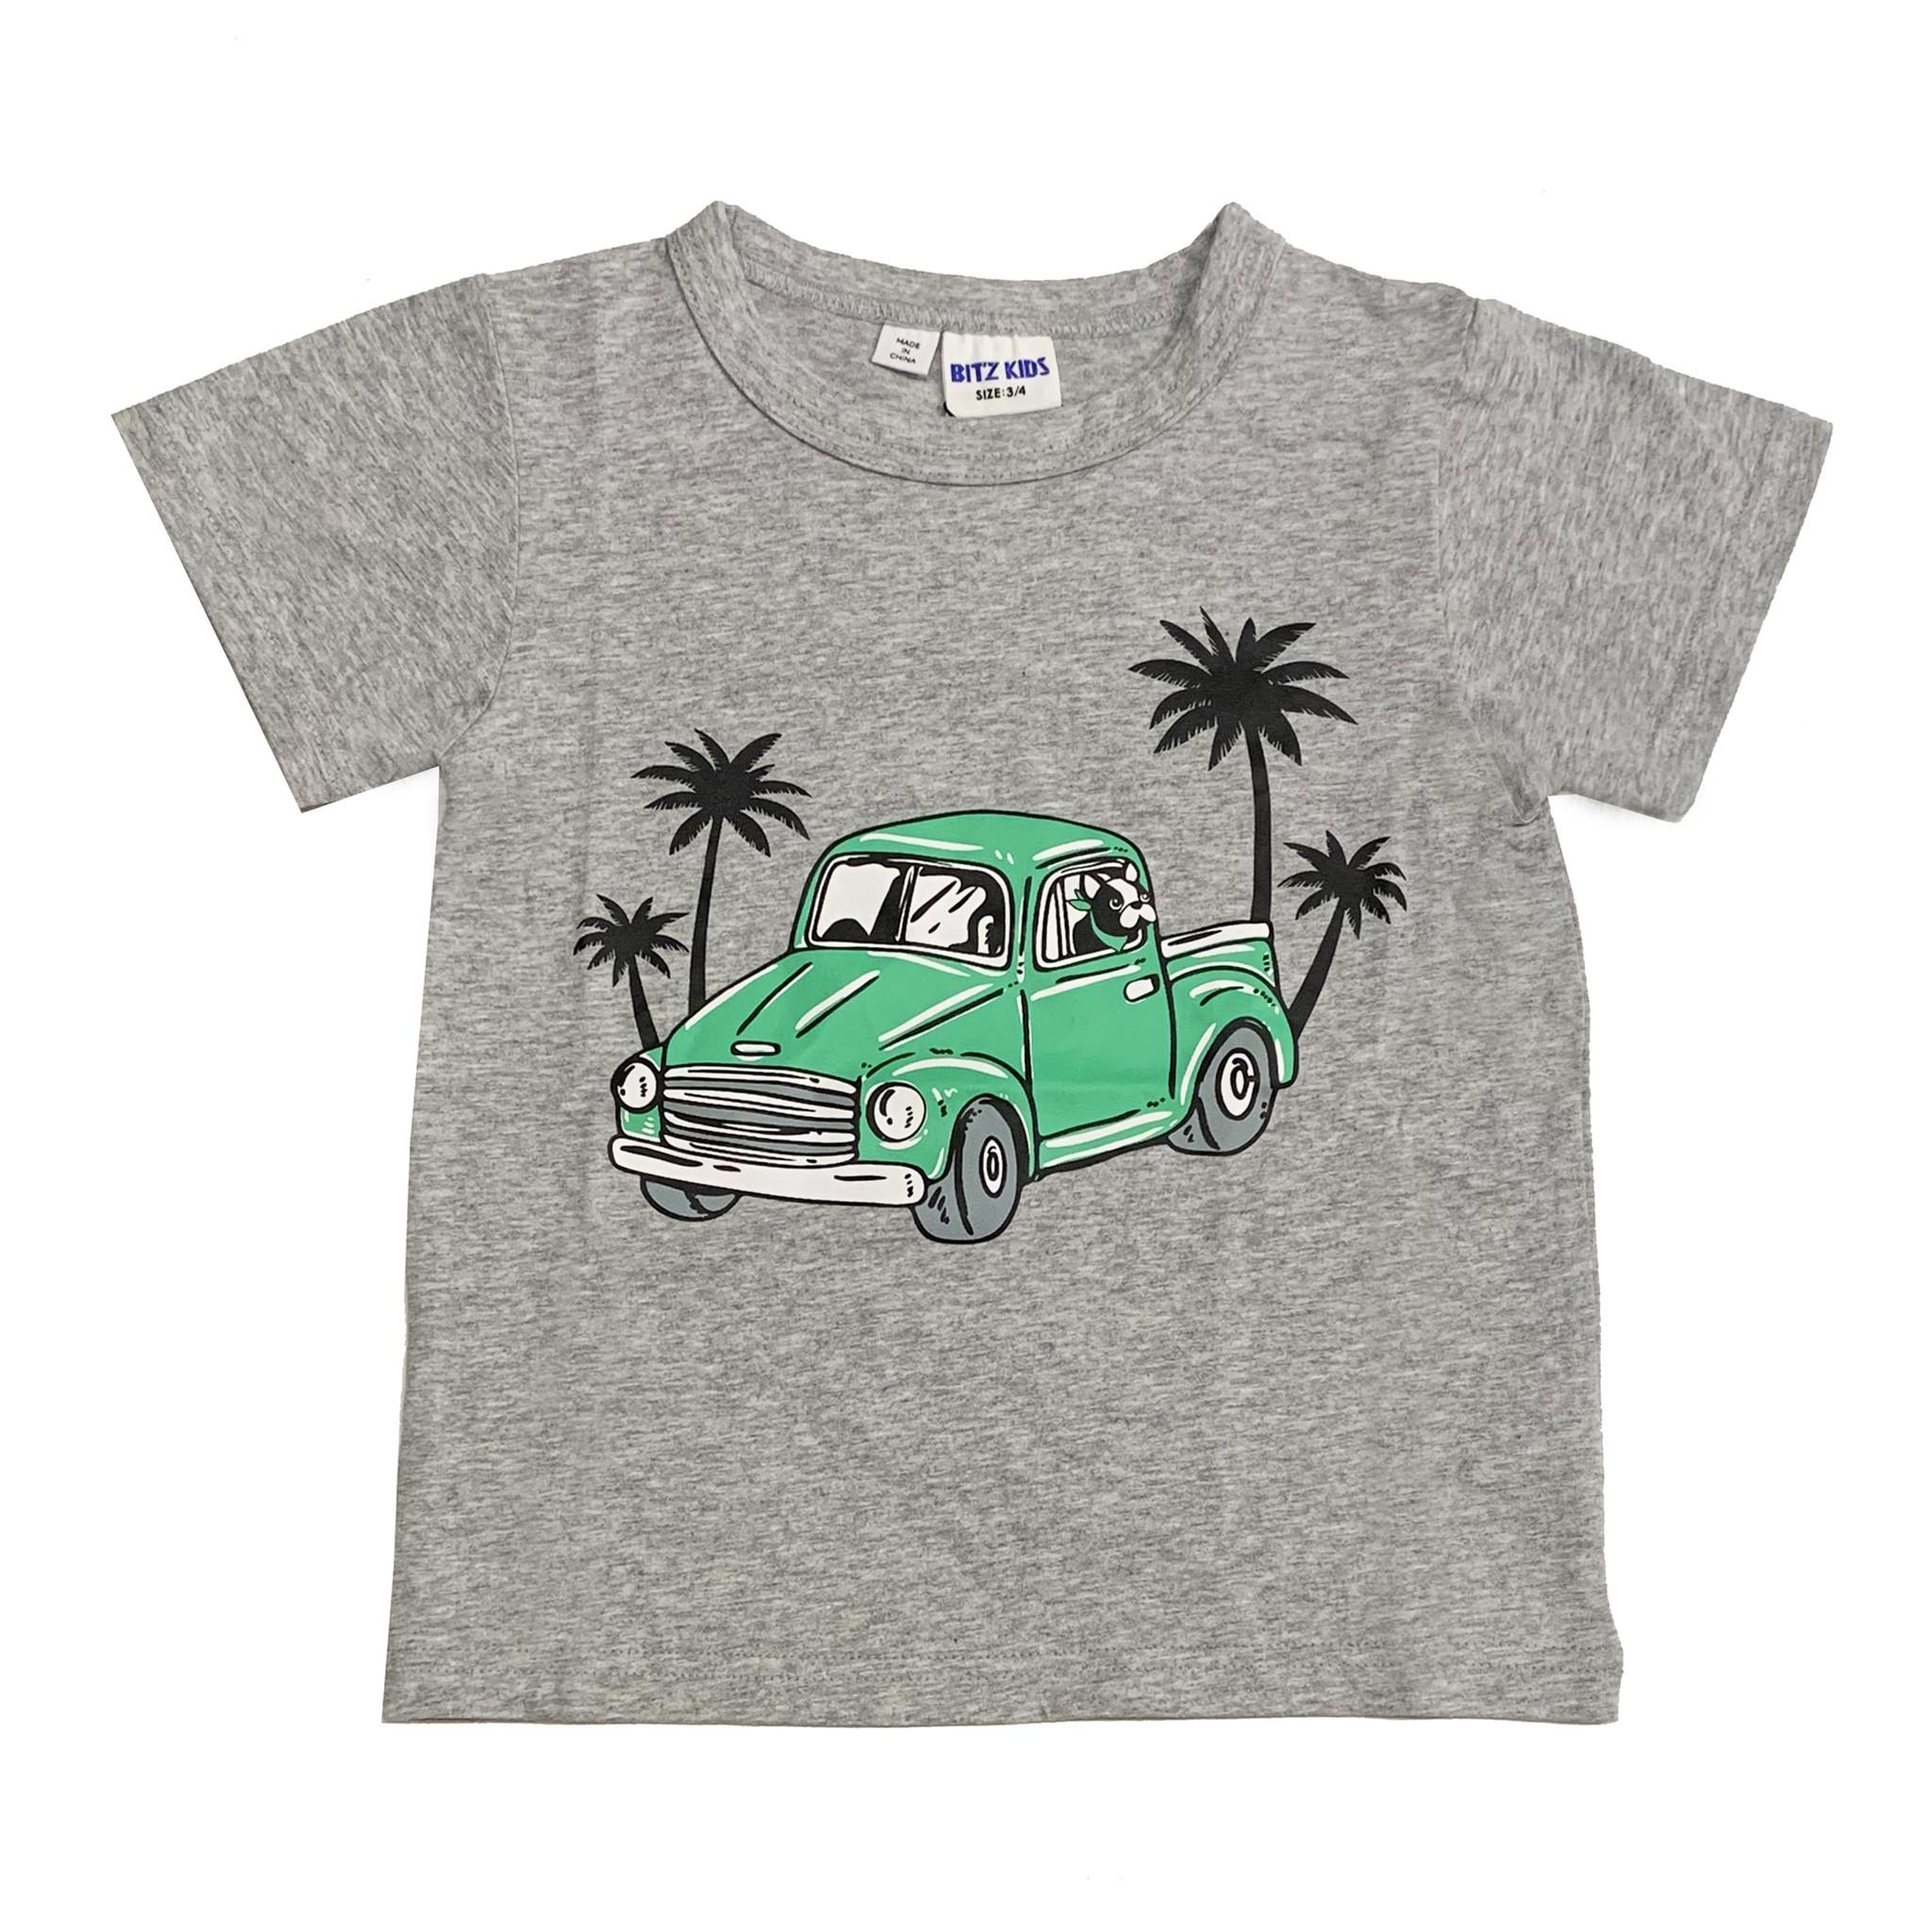 Bit'z Kids Green Truck Infant Tee